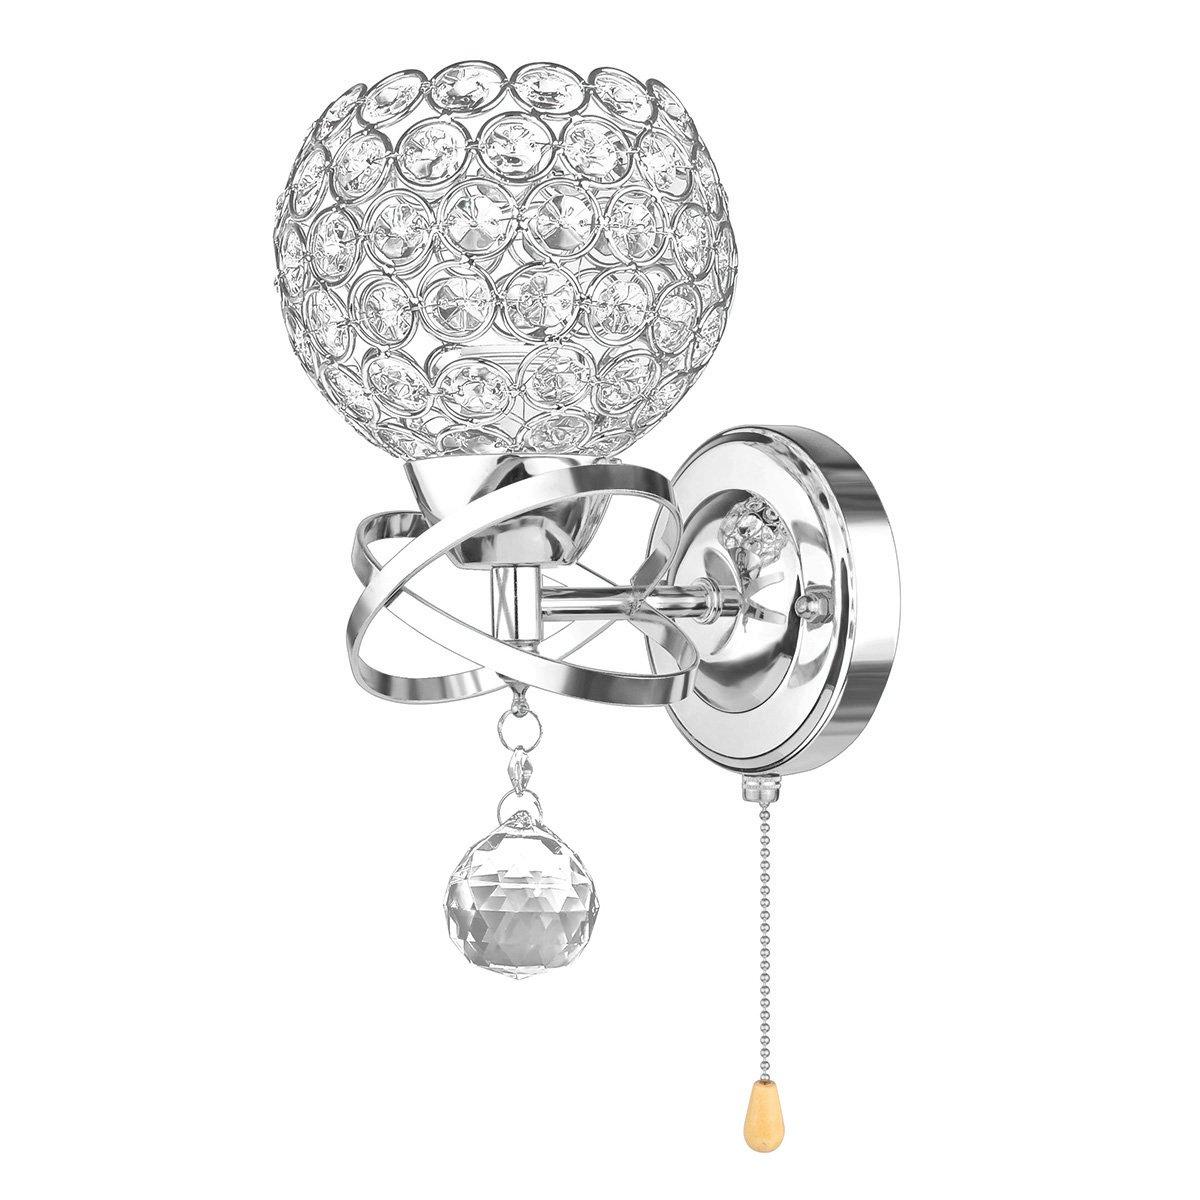 ALLOMN Applique de Style Moderne Avec Interrupteur /à Tirette, 2 PACK Ampoule non Incluse Applique Pendentif Cristal Chambre All/ée Salon Applique Titulaire Prise E14